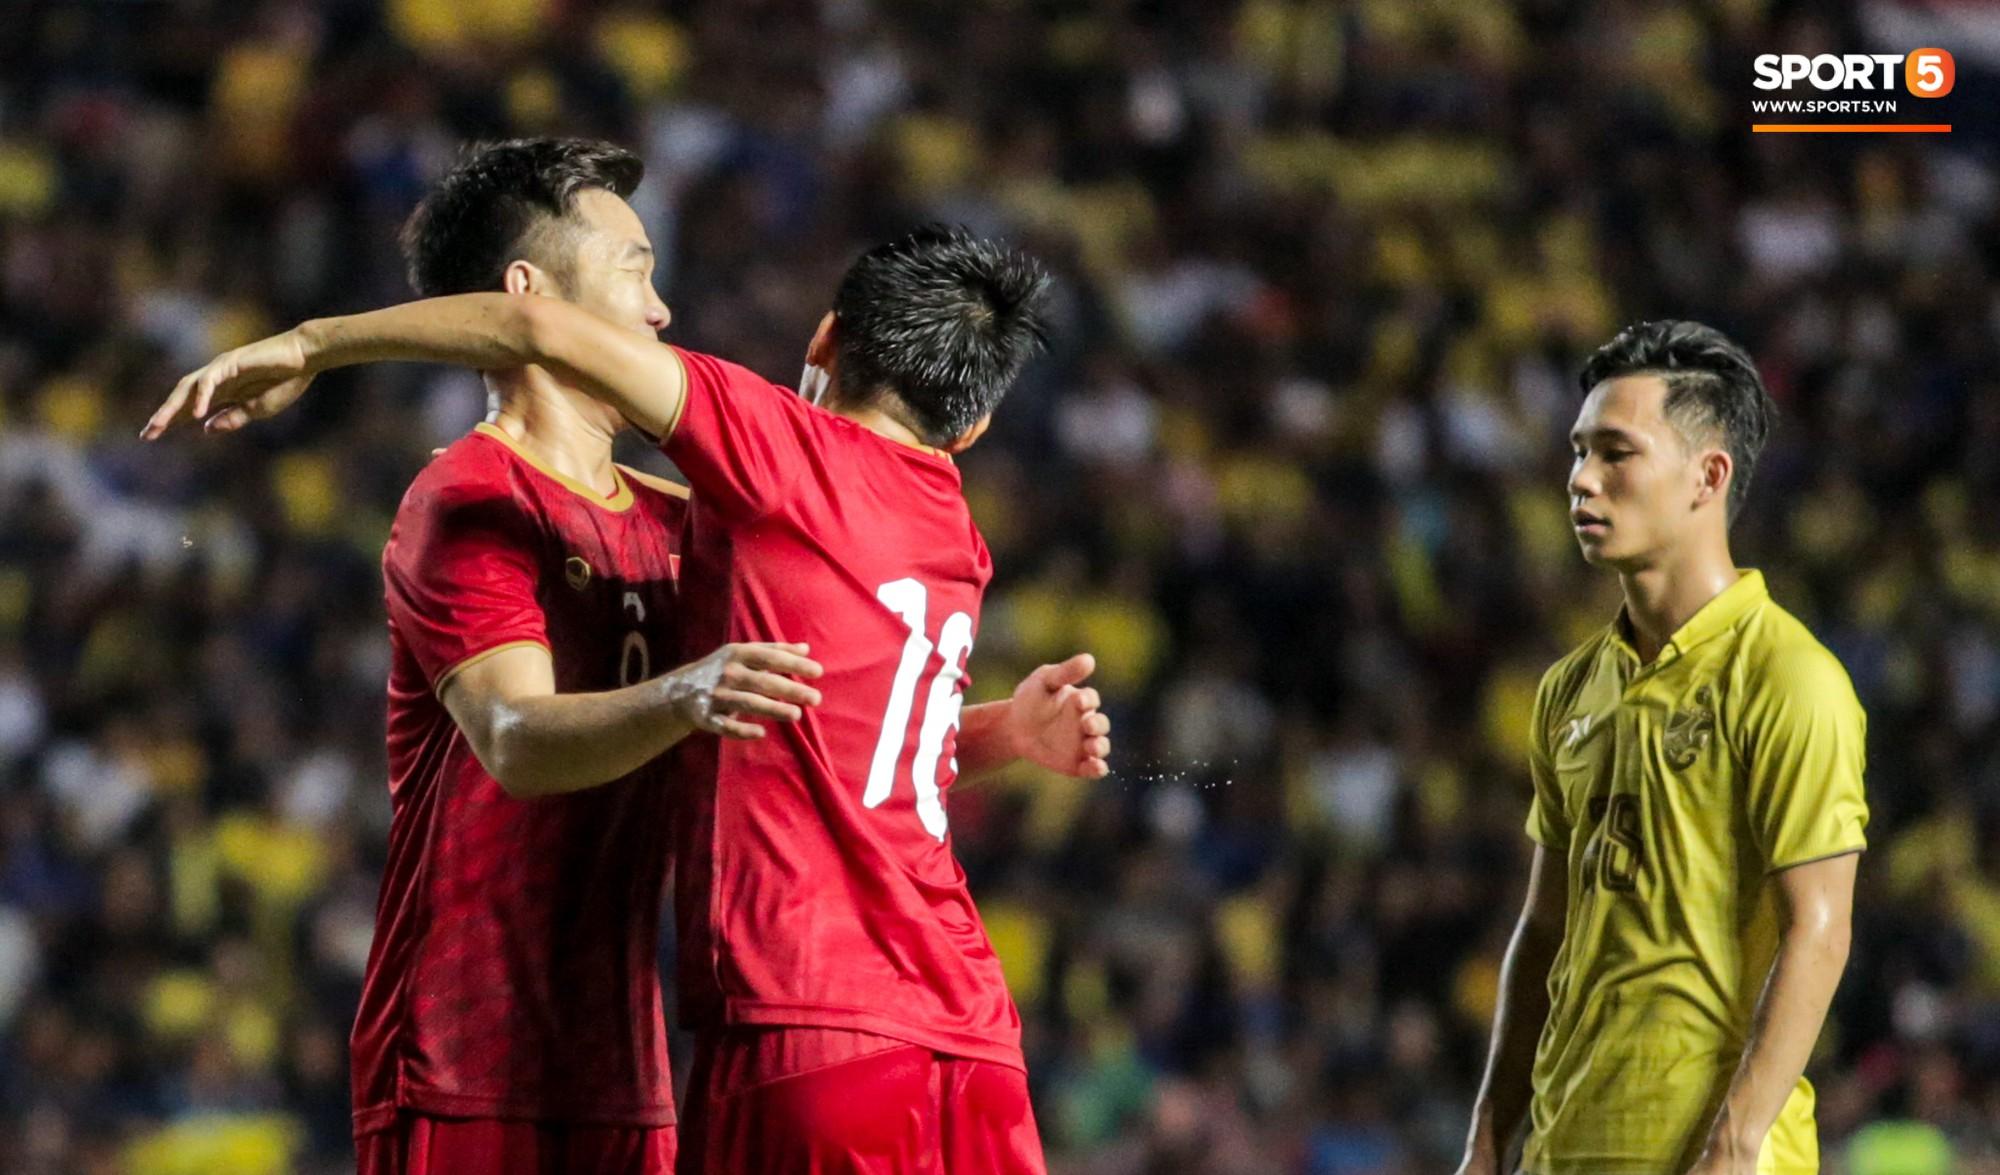 Hài hước: Tiền vệ tuyển Việt Nam bị trọng tài xin lại bụng bầu sau màn ăn mừng kinh điển-7